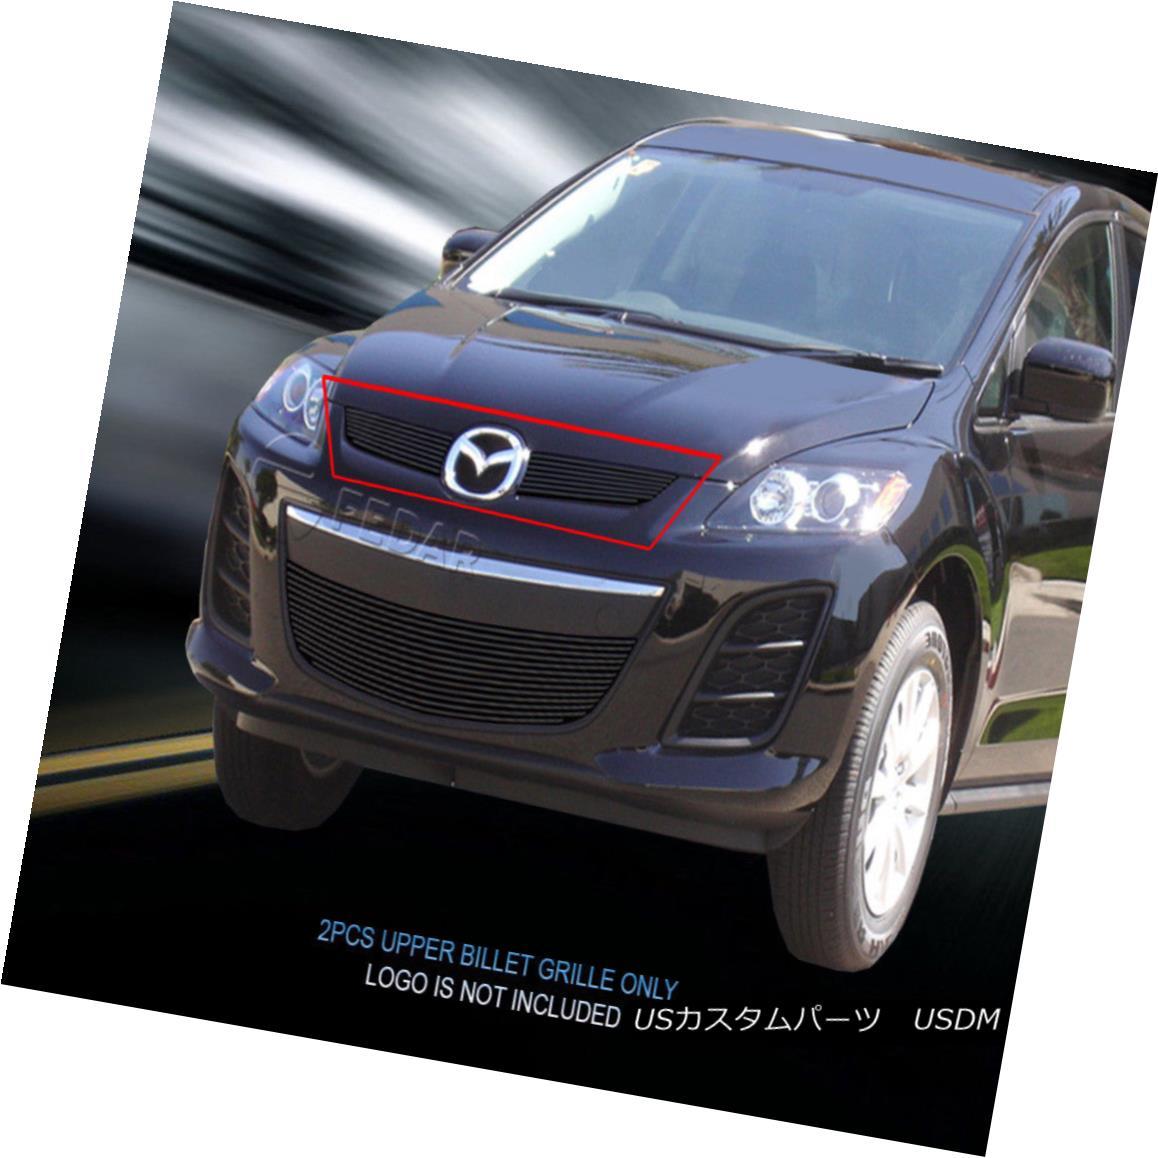 グリル Fedar Fits 2010-2012 Mazda CX-7 Black Main Upper Billet Grille Fedarは2010-2012年マツダCX-7黒メインアッパービレットグリルを適合させる